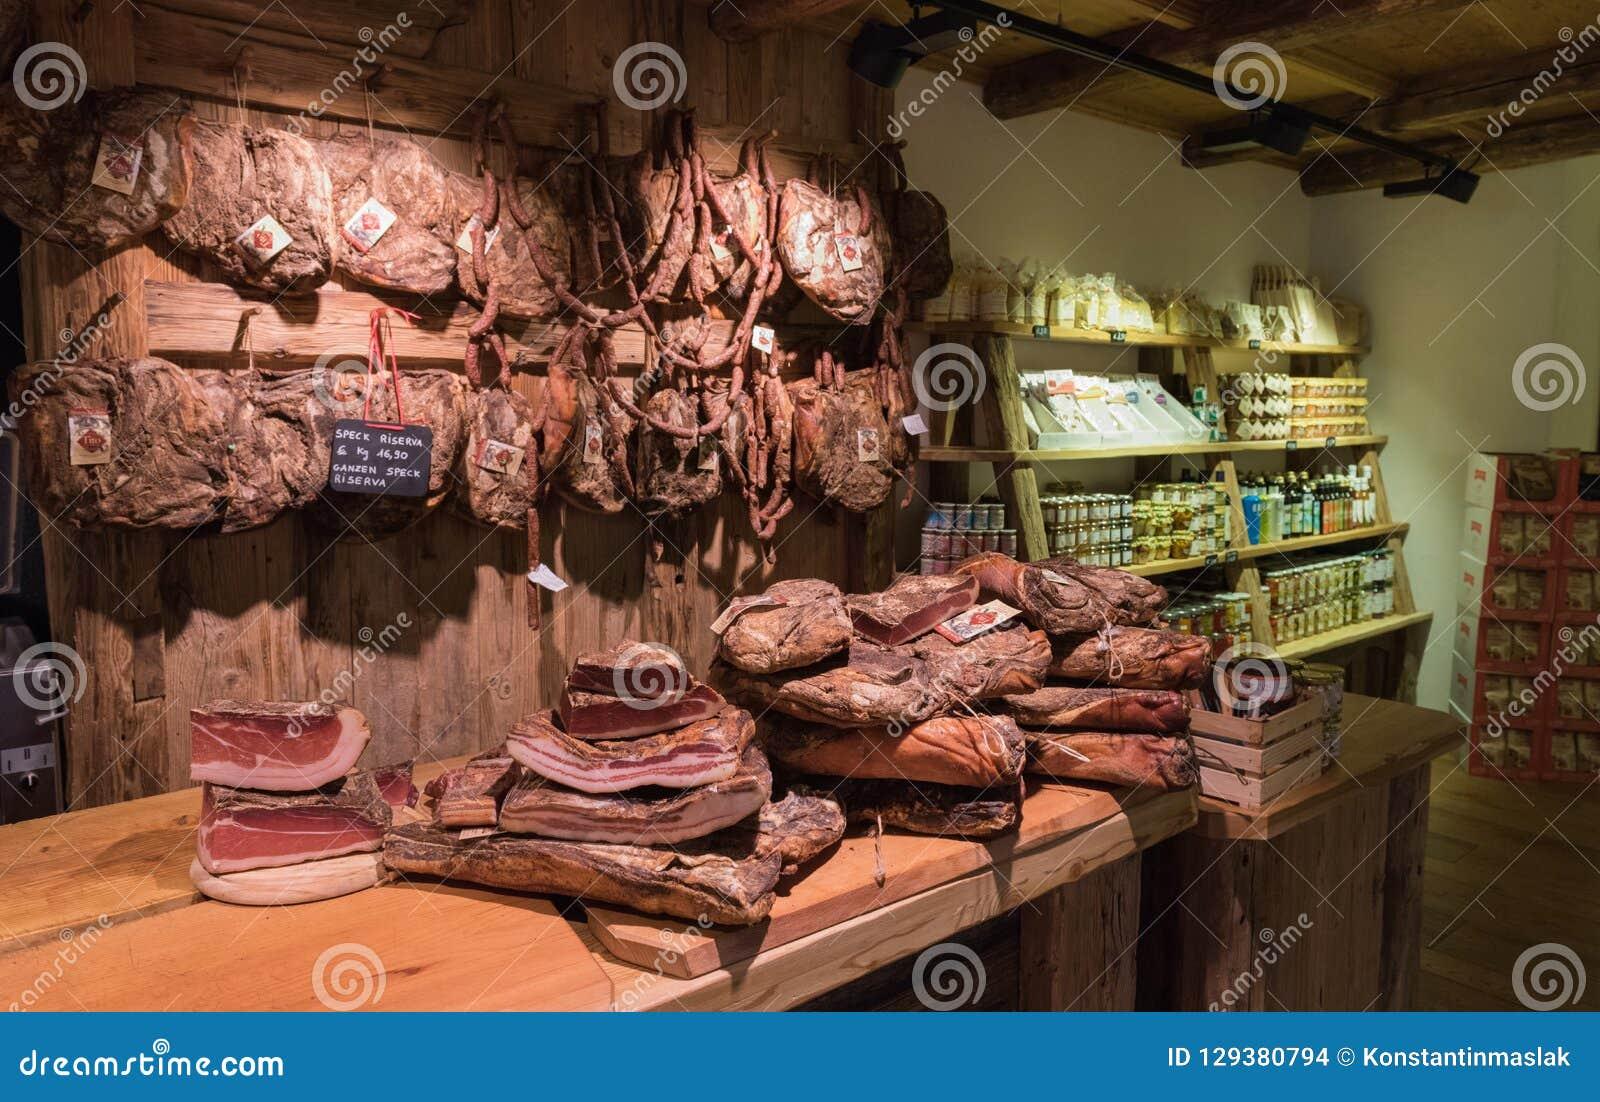 Regale mit typischem italienischem Würste Prosciutto, Fleck innerhalb eines Lebensmittelgeschäftmarktes